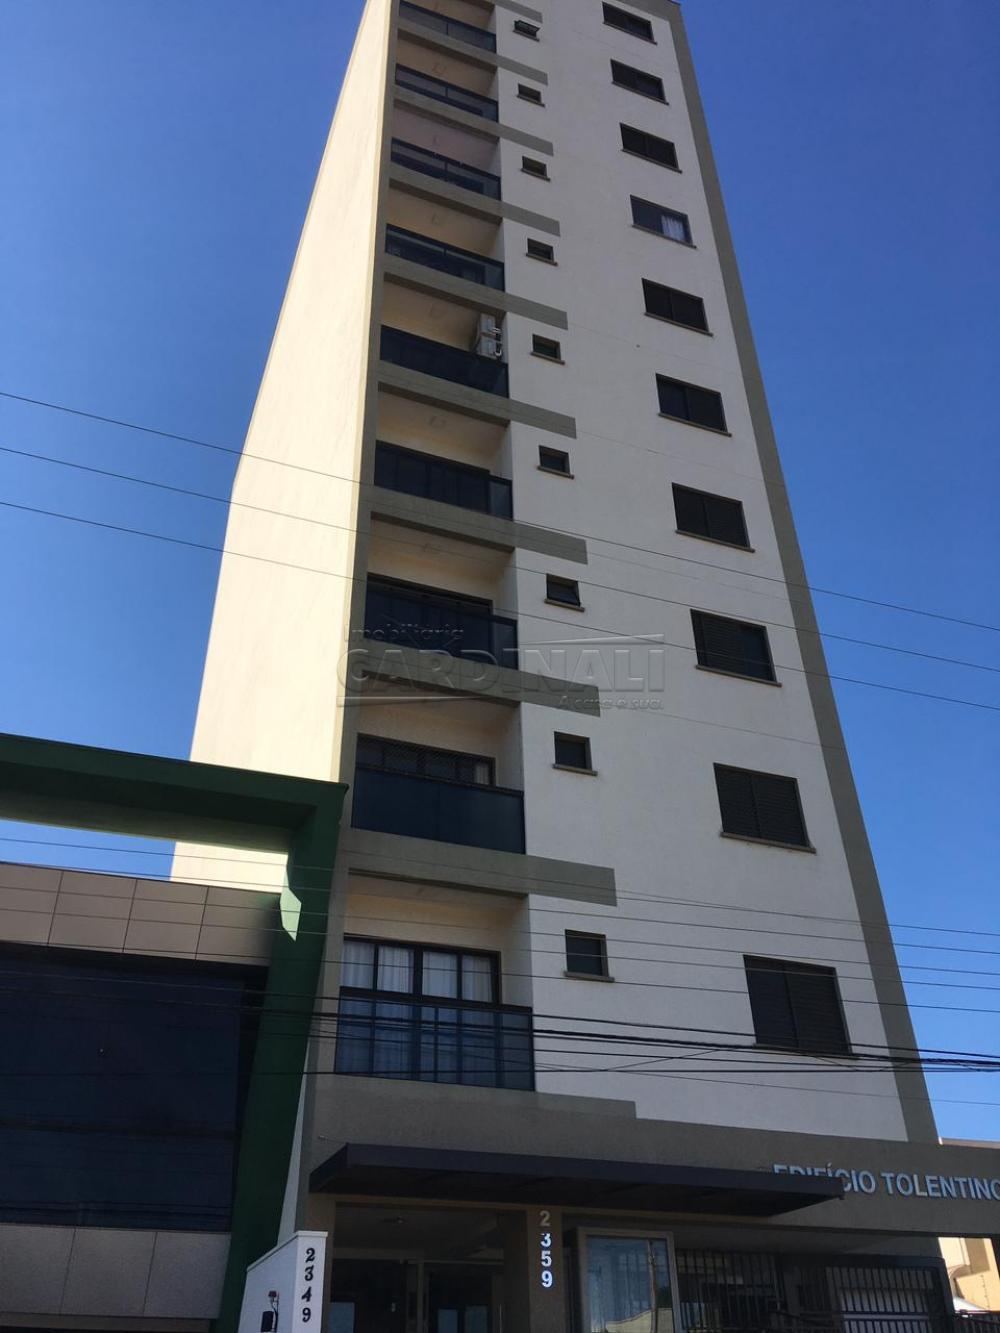 Alugar Apartamento / Padrão em São Carlos R$ 1.000,00 - Foto 1